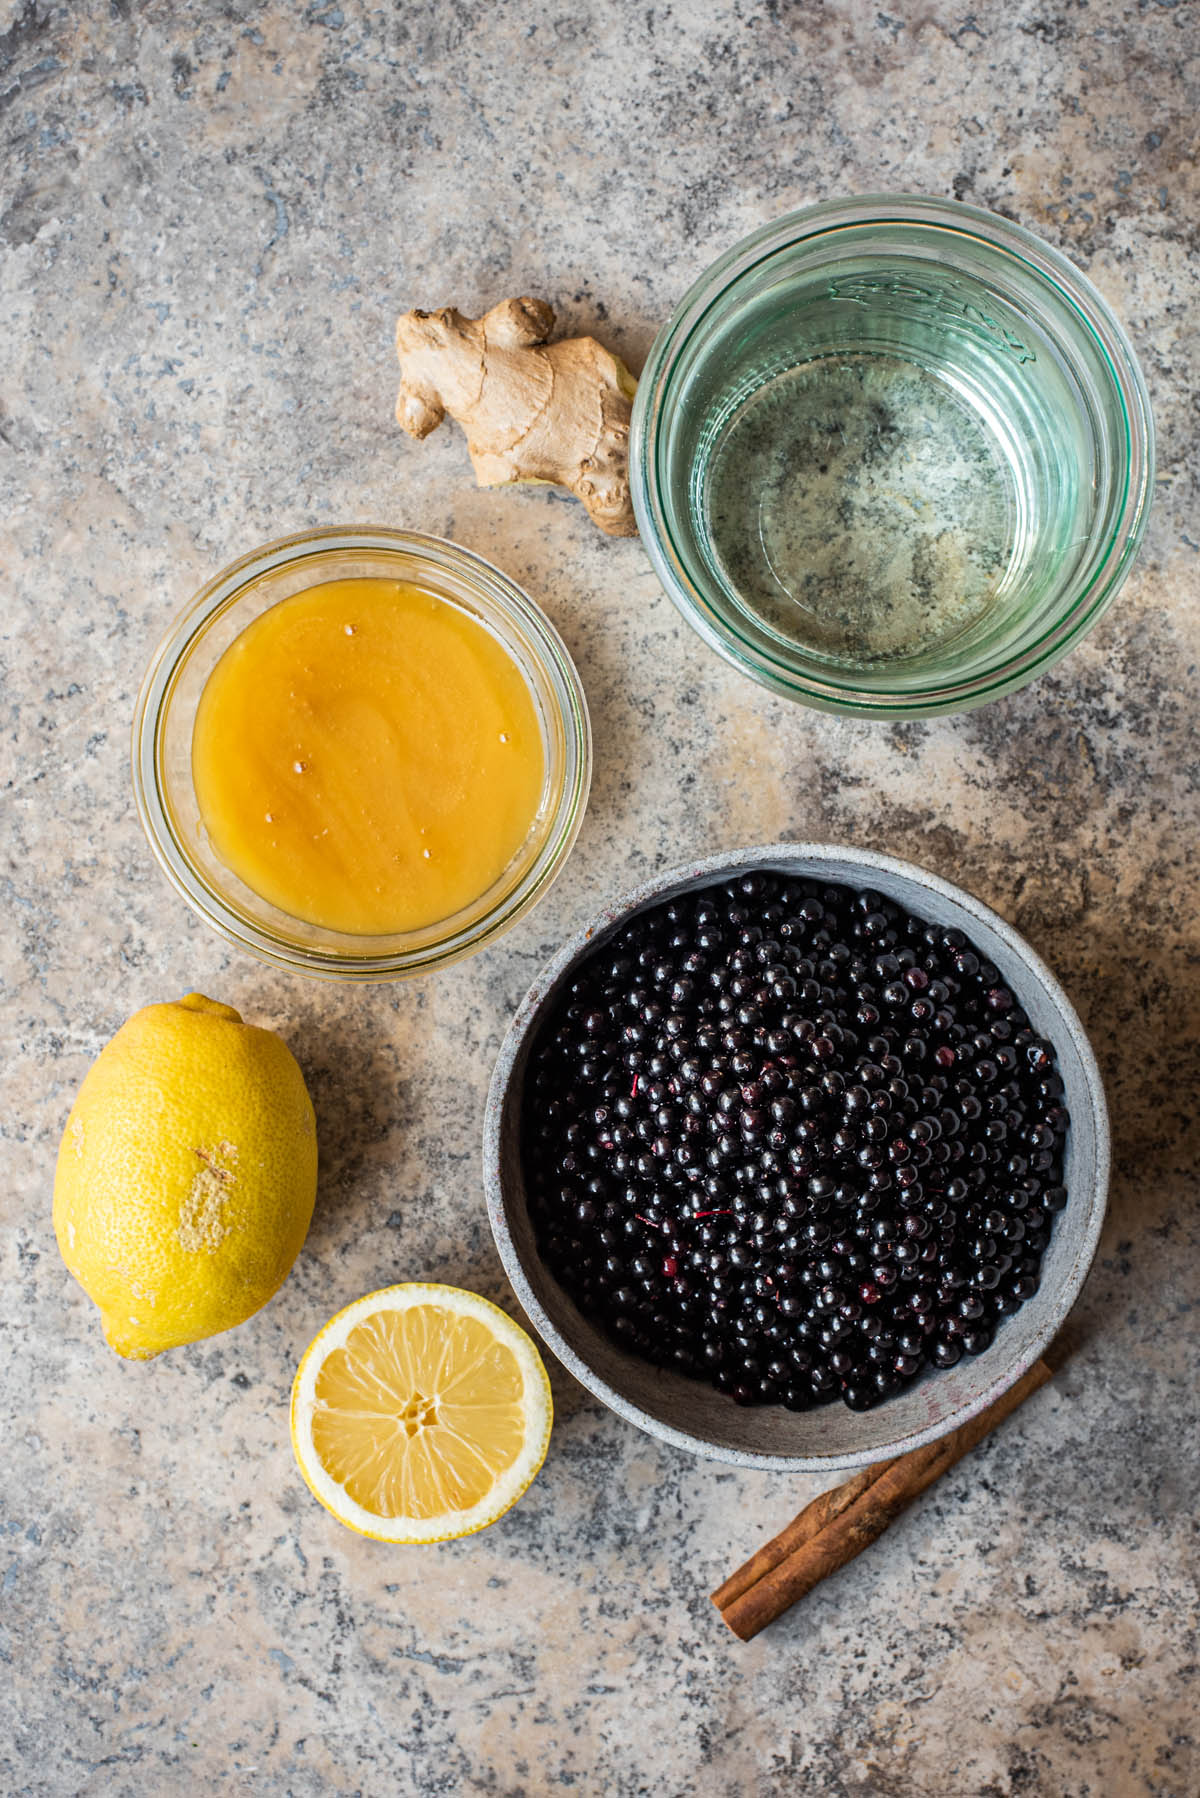 Elderberry syrup ingredients.